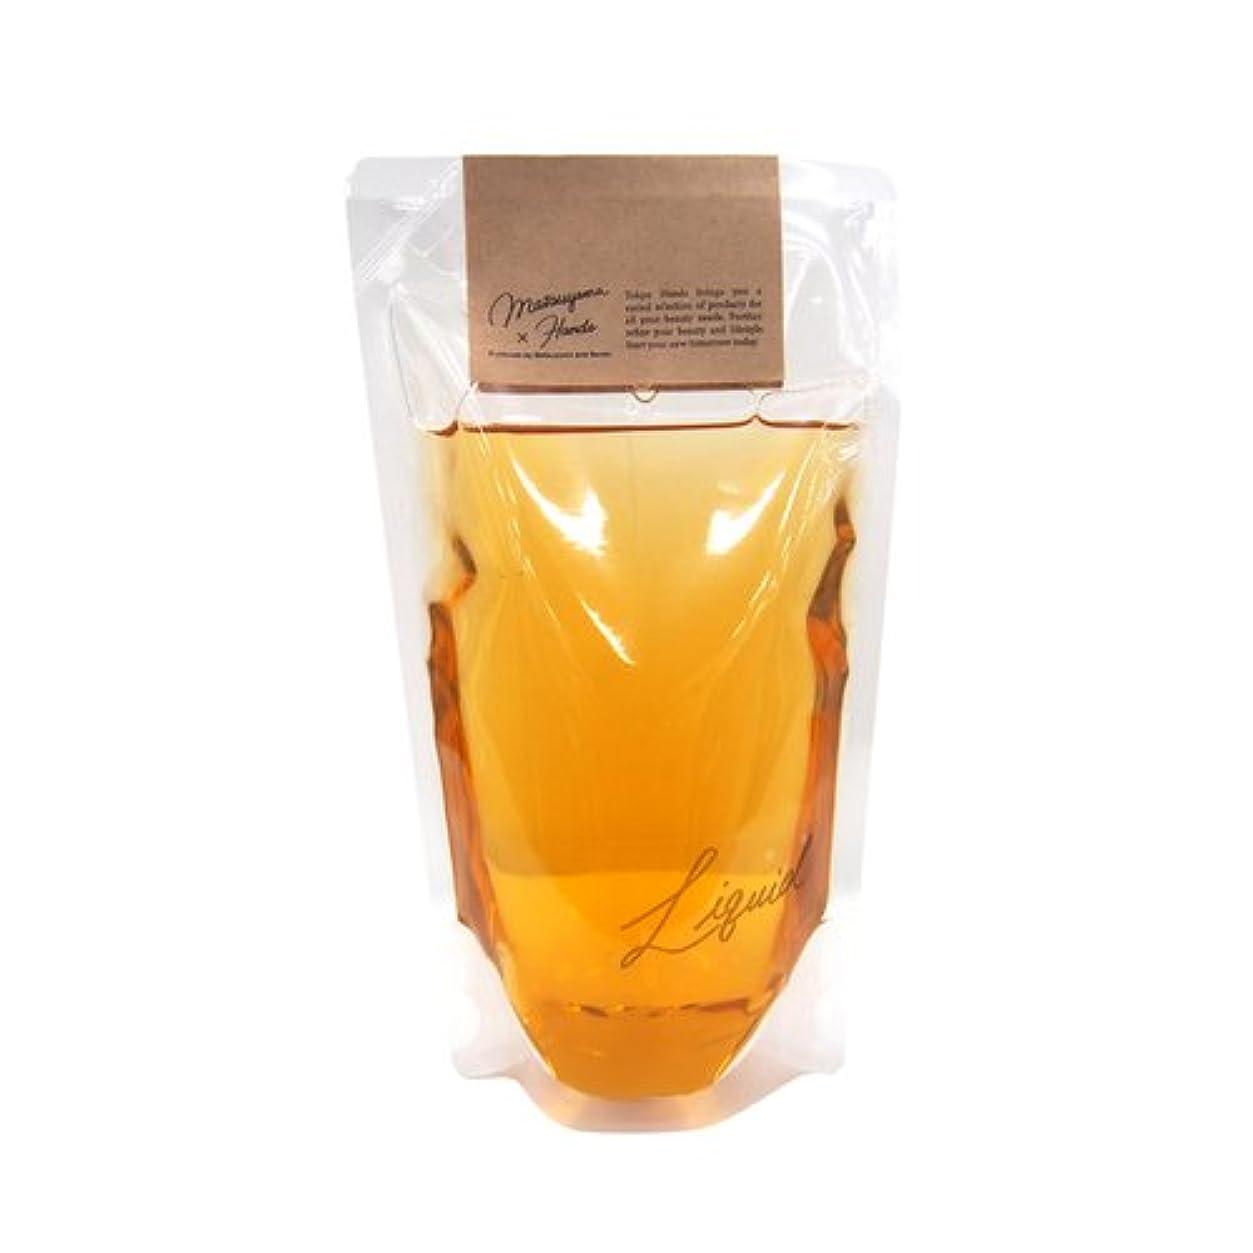 暴君意気込み起きろ松山油脂×東急ハンズ モイスチャーリキッドソープ カモミール替 280mL